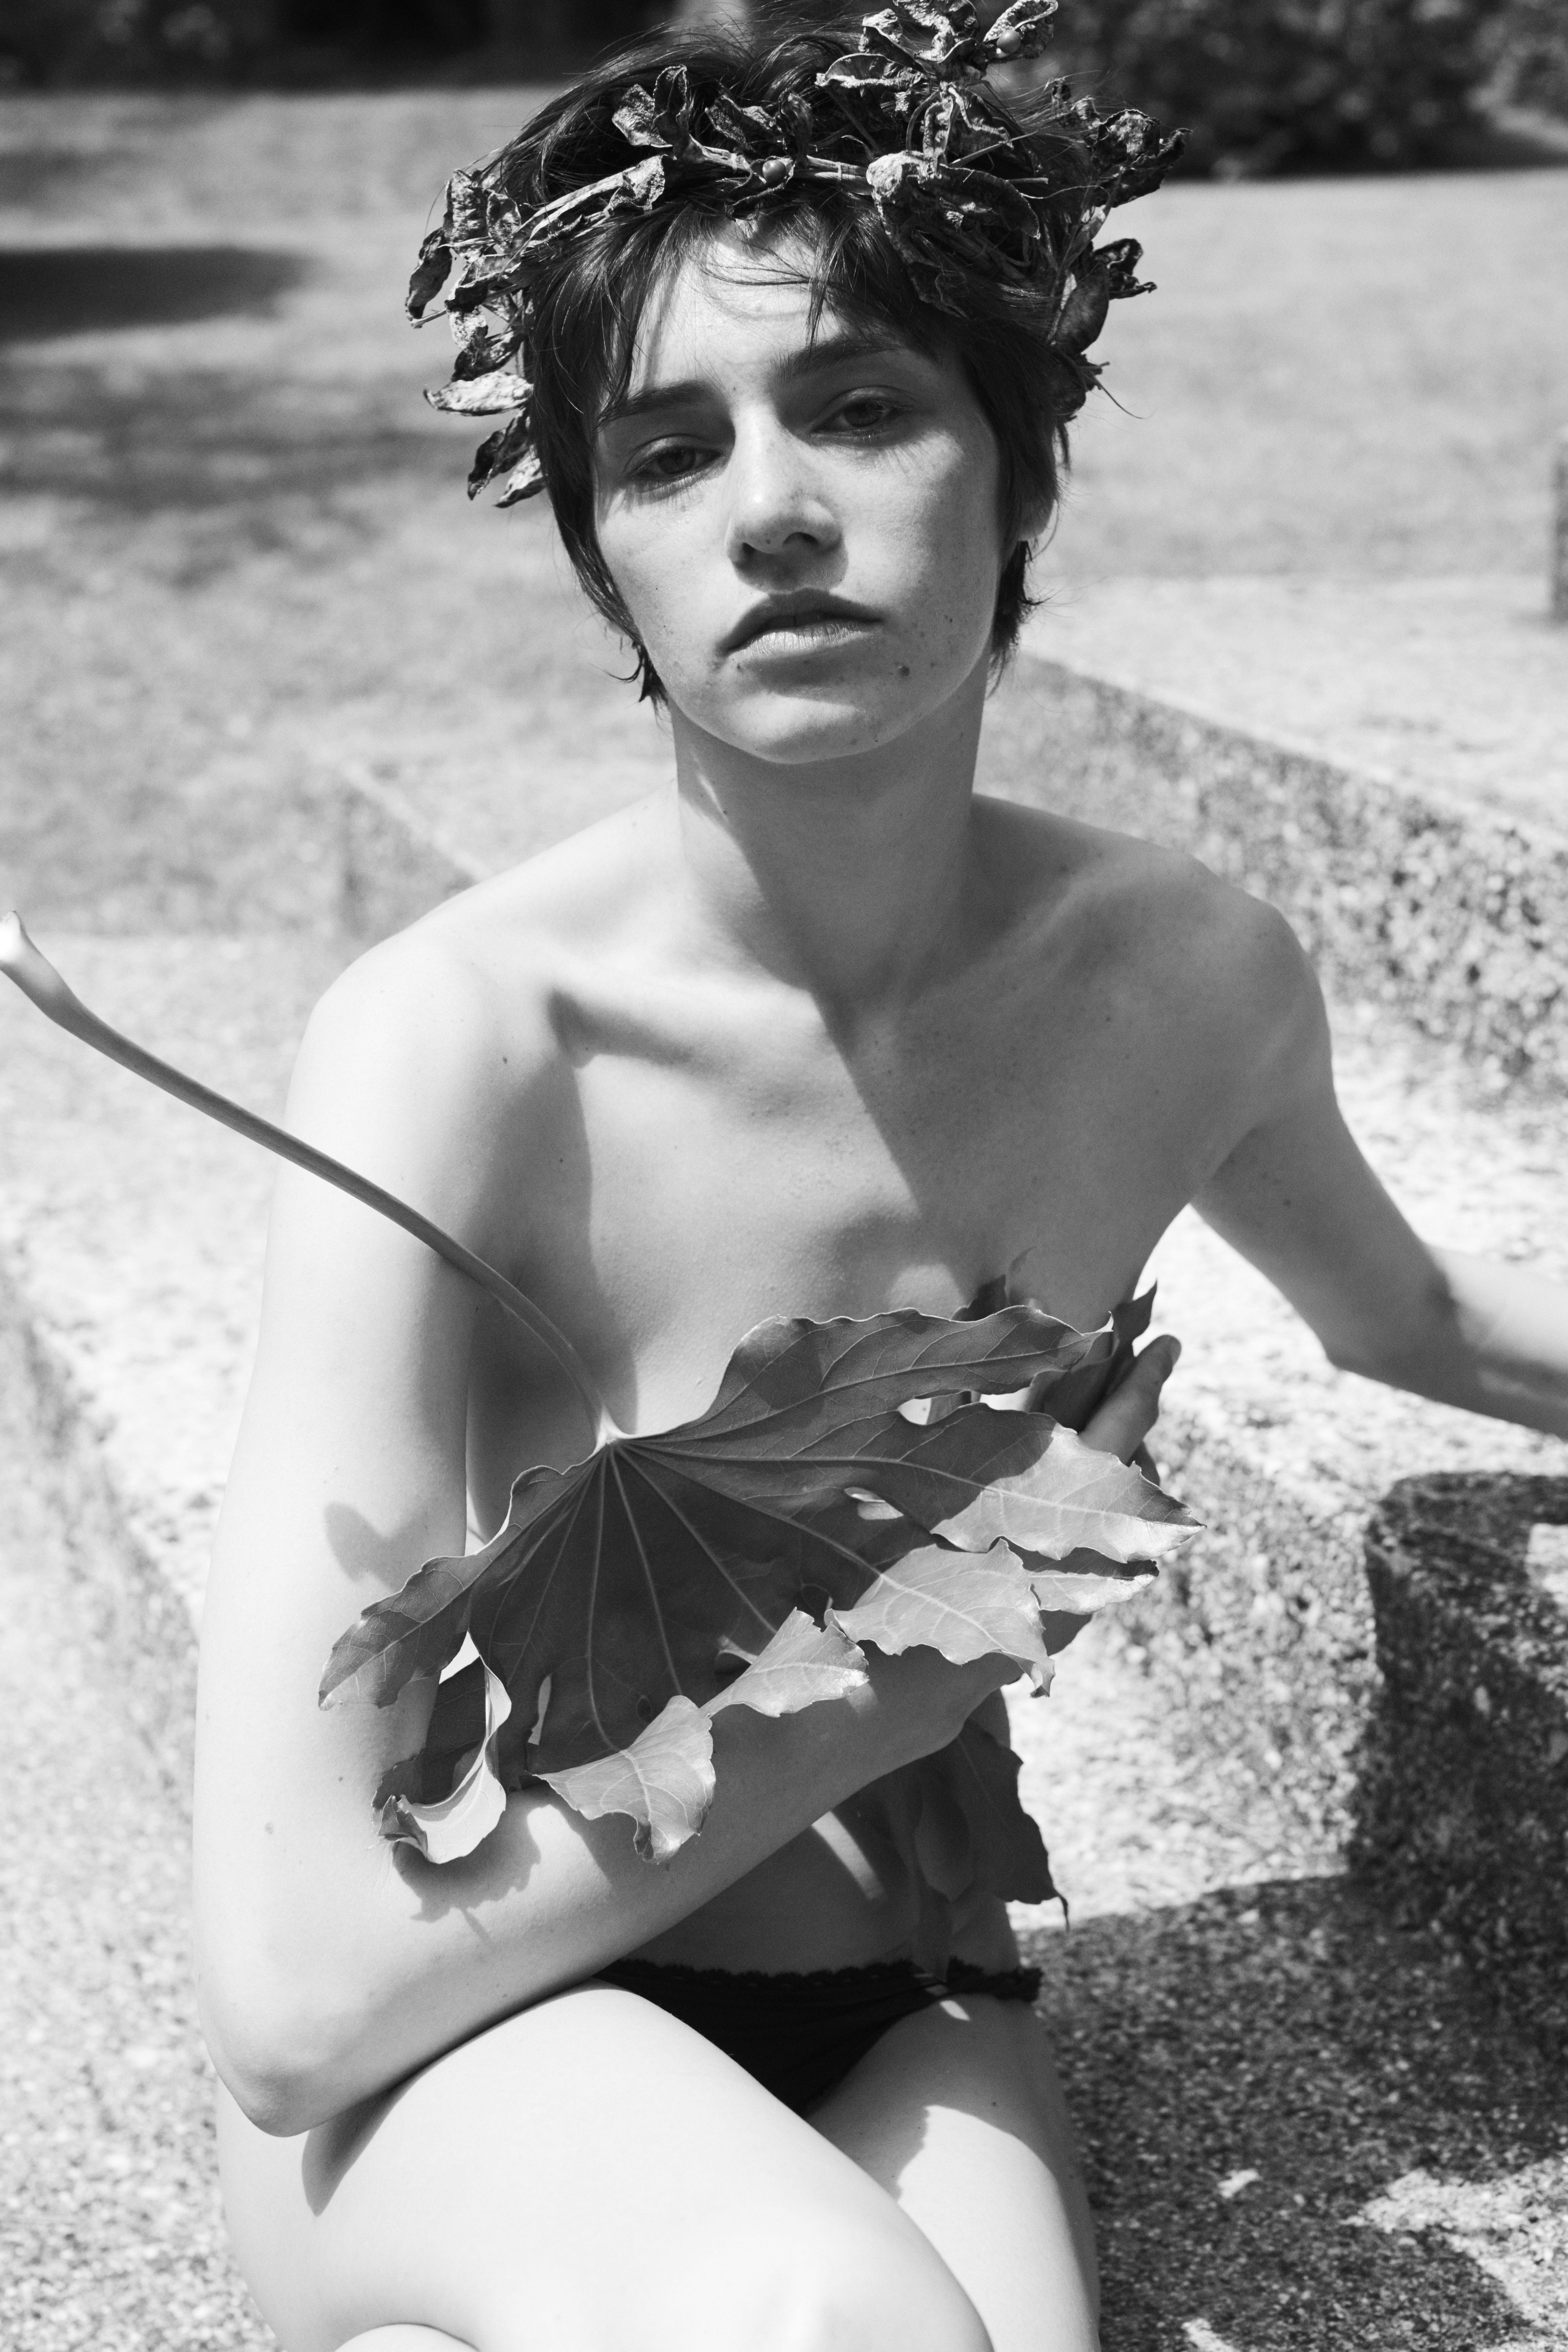 Tanya Jones for 10Magazine (ph. Stefano Galuzzi)